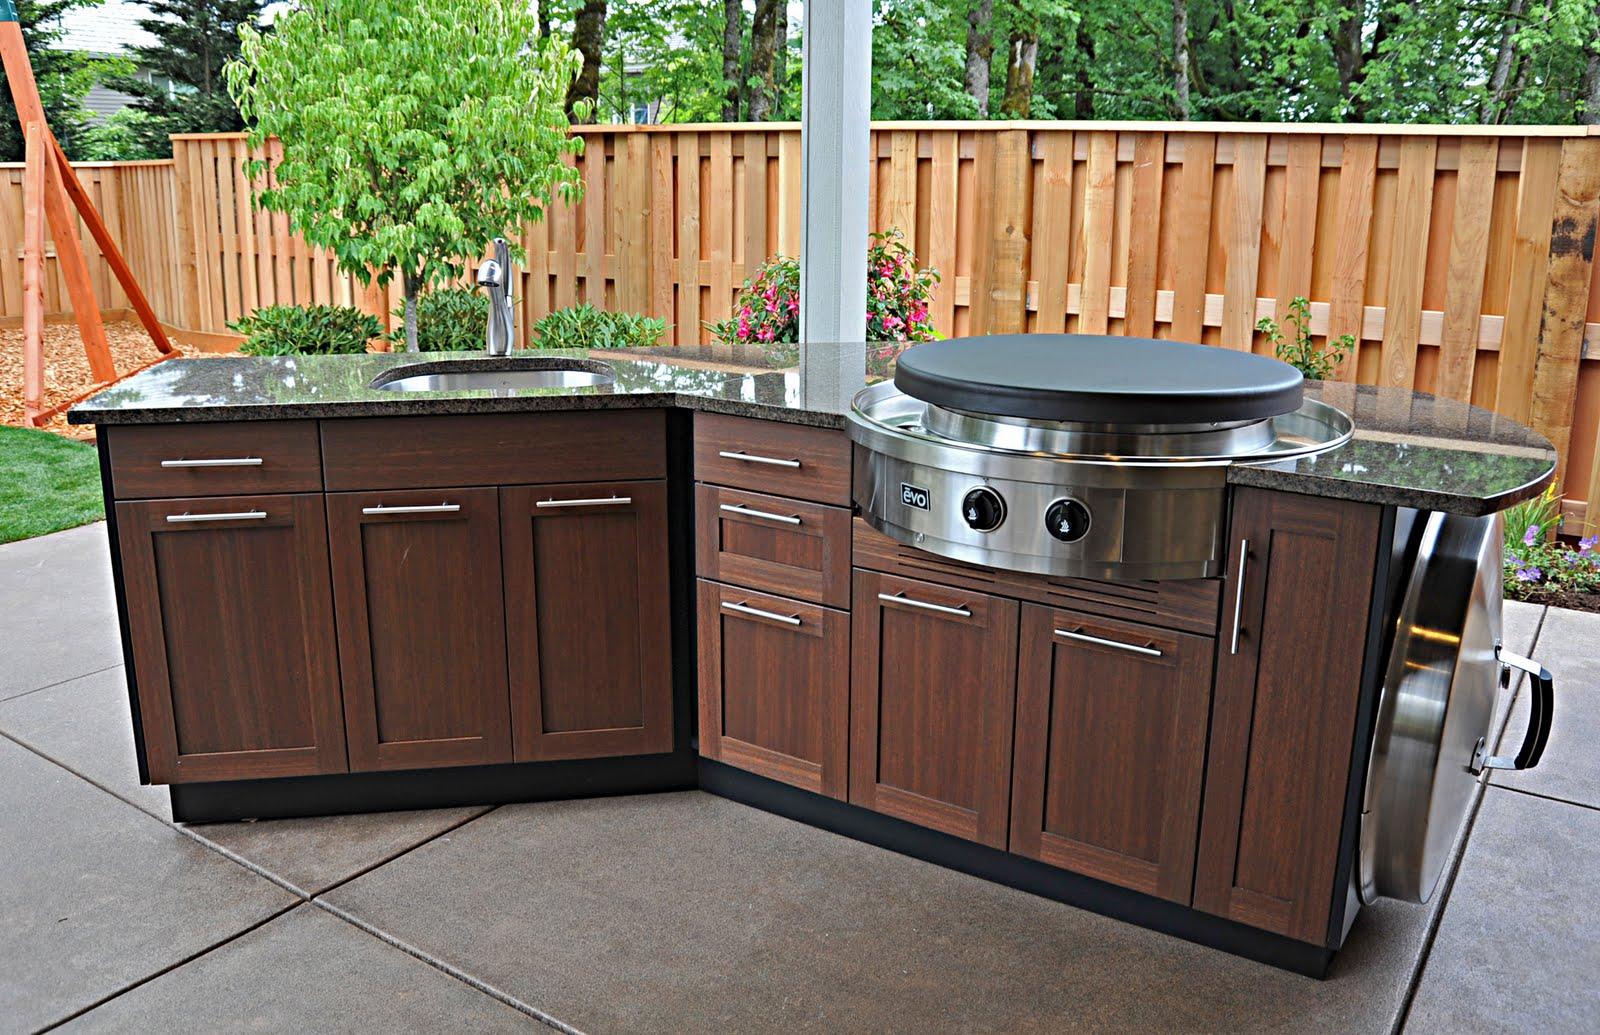 Best Outdoor Countertop Ideas | HomesFeed